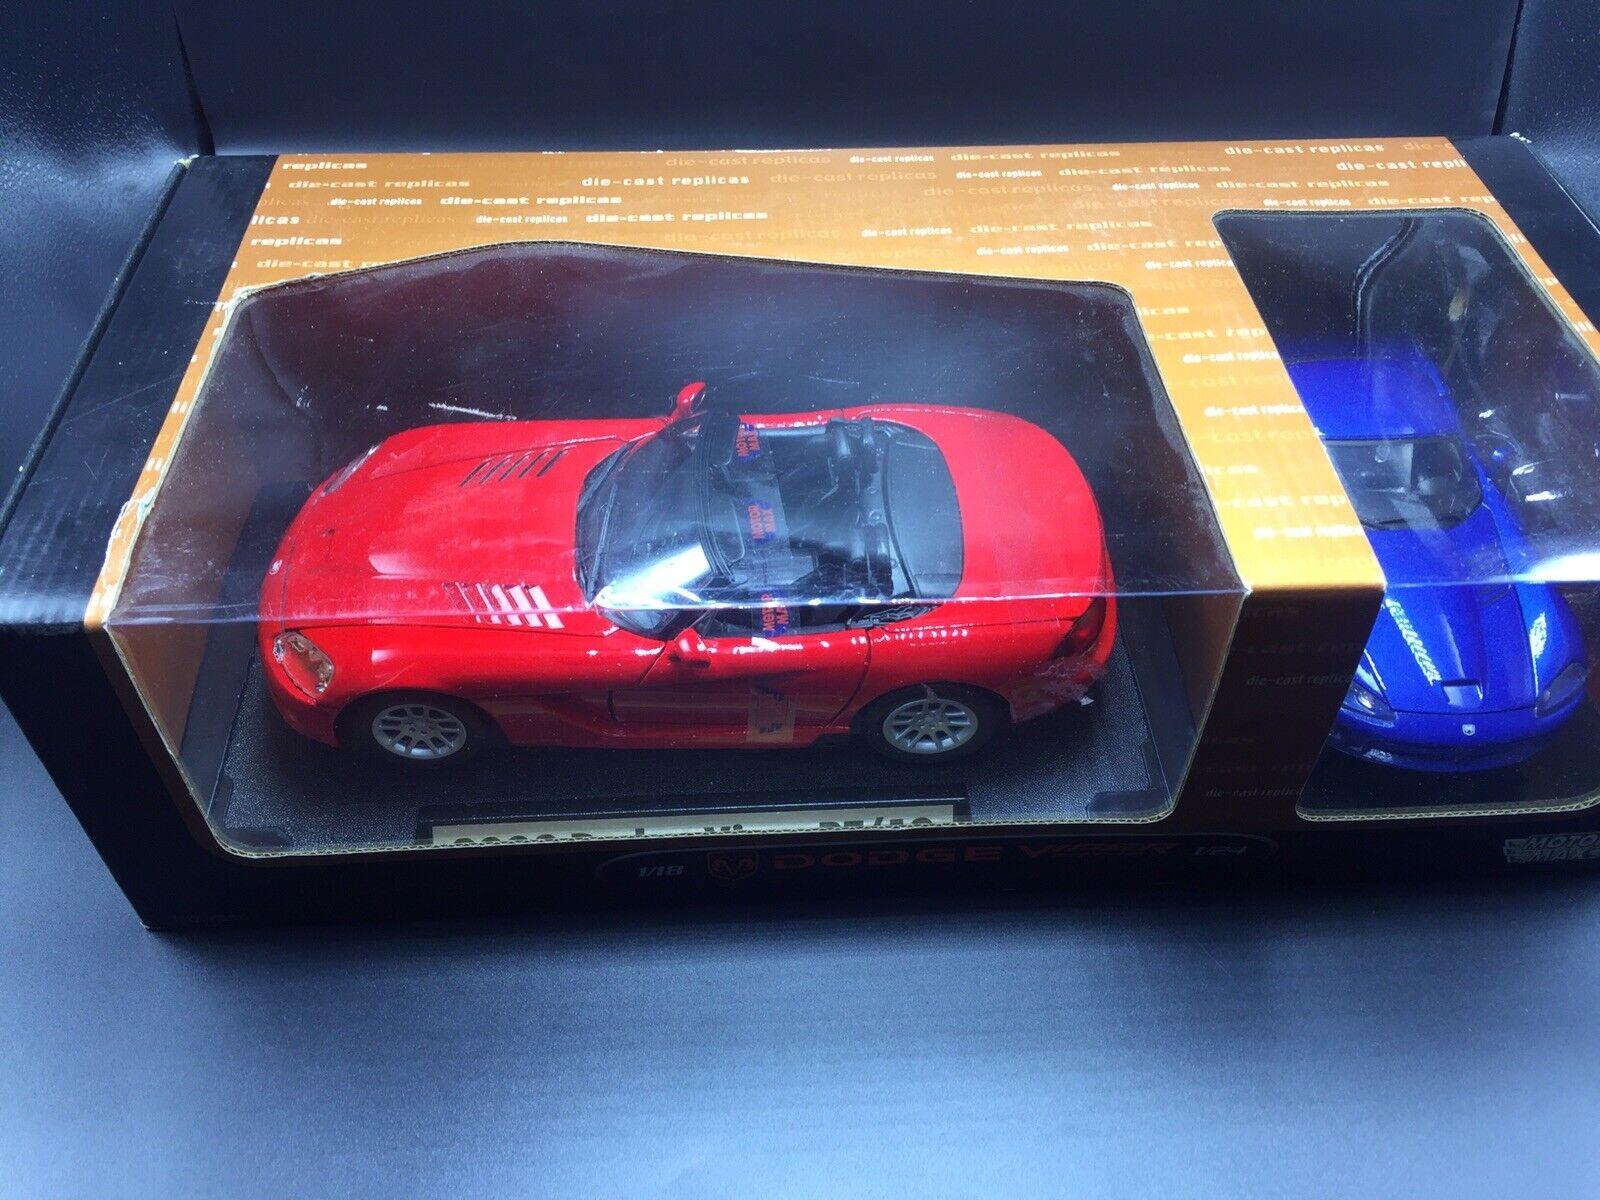 1 18 MotorMax 2003 Dodge Viper RT 10 modello auto rosso & 1 24 Viper blu Dodge